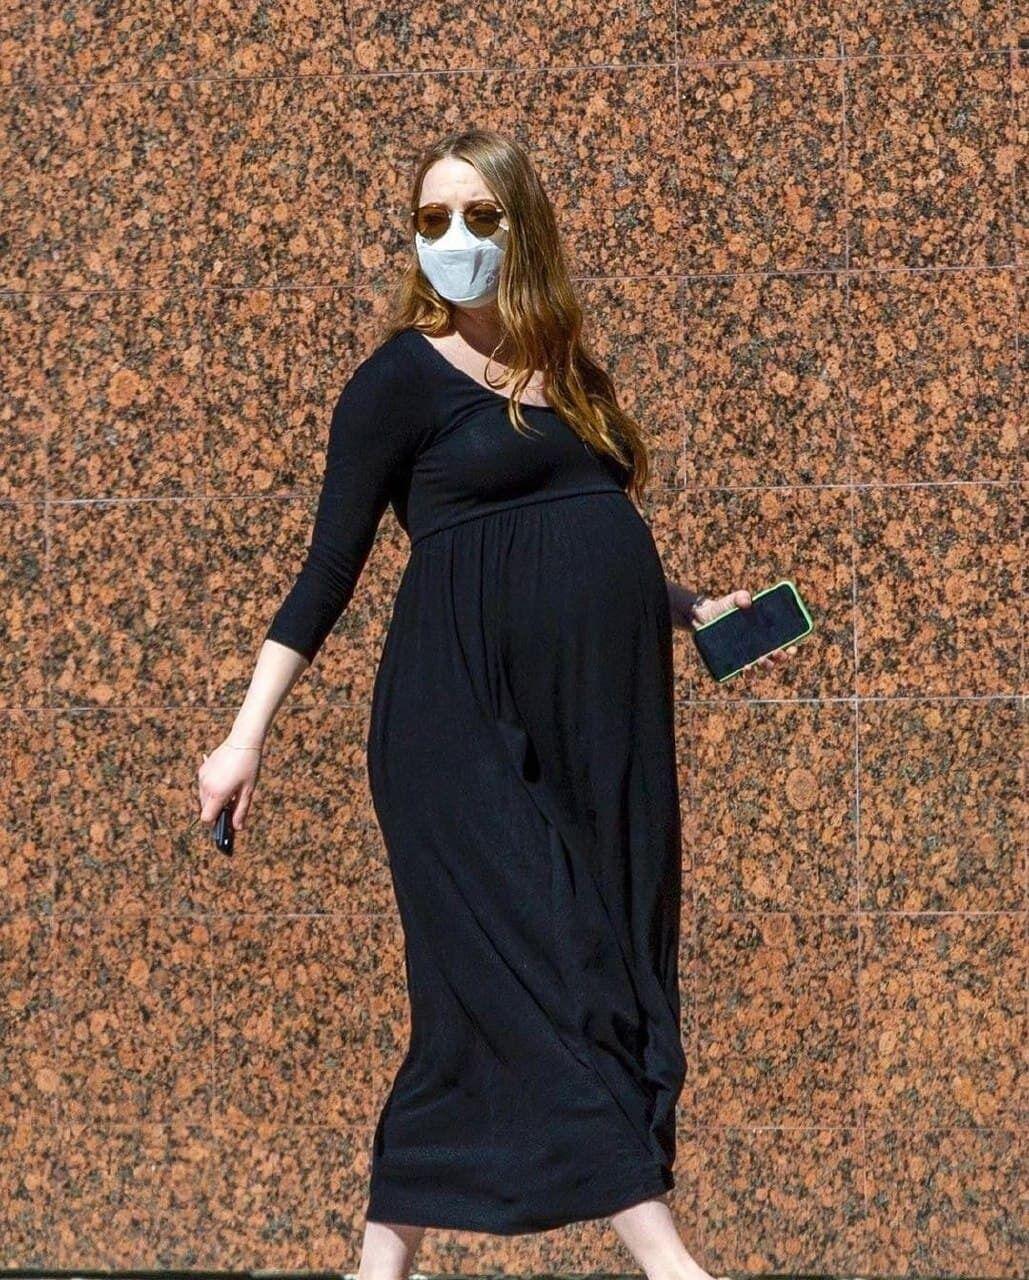 Эмма Стоун идет по улице